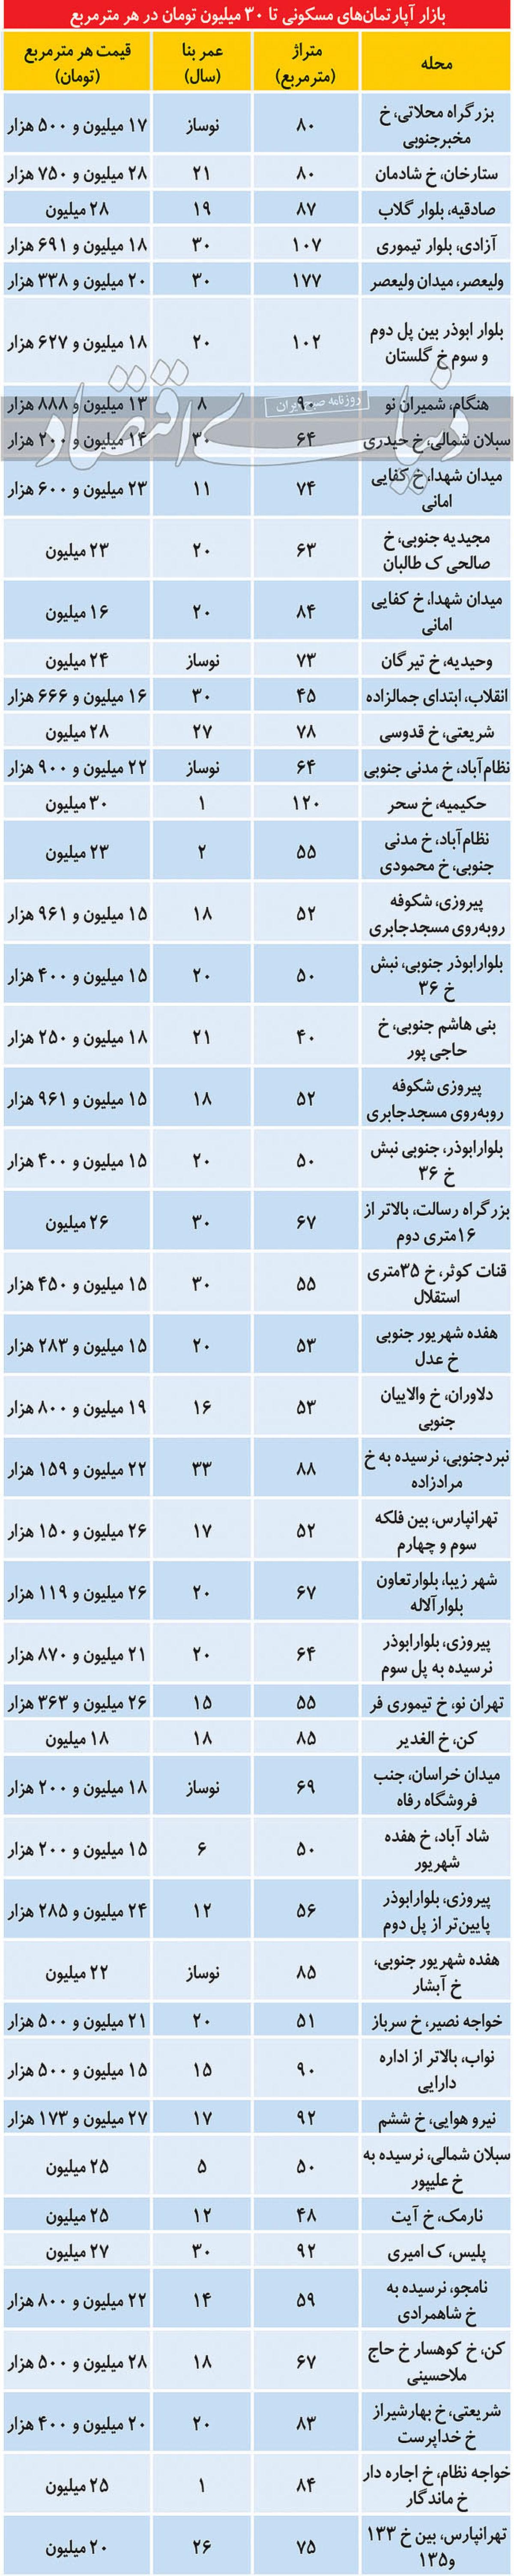 ریزش شدید قیمت مسکن / خانه ارزان شد + جدول قیمت